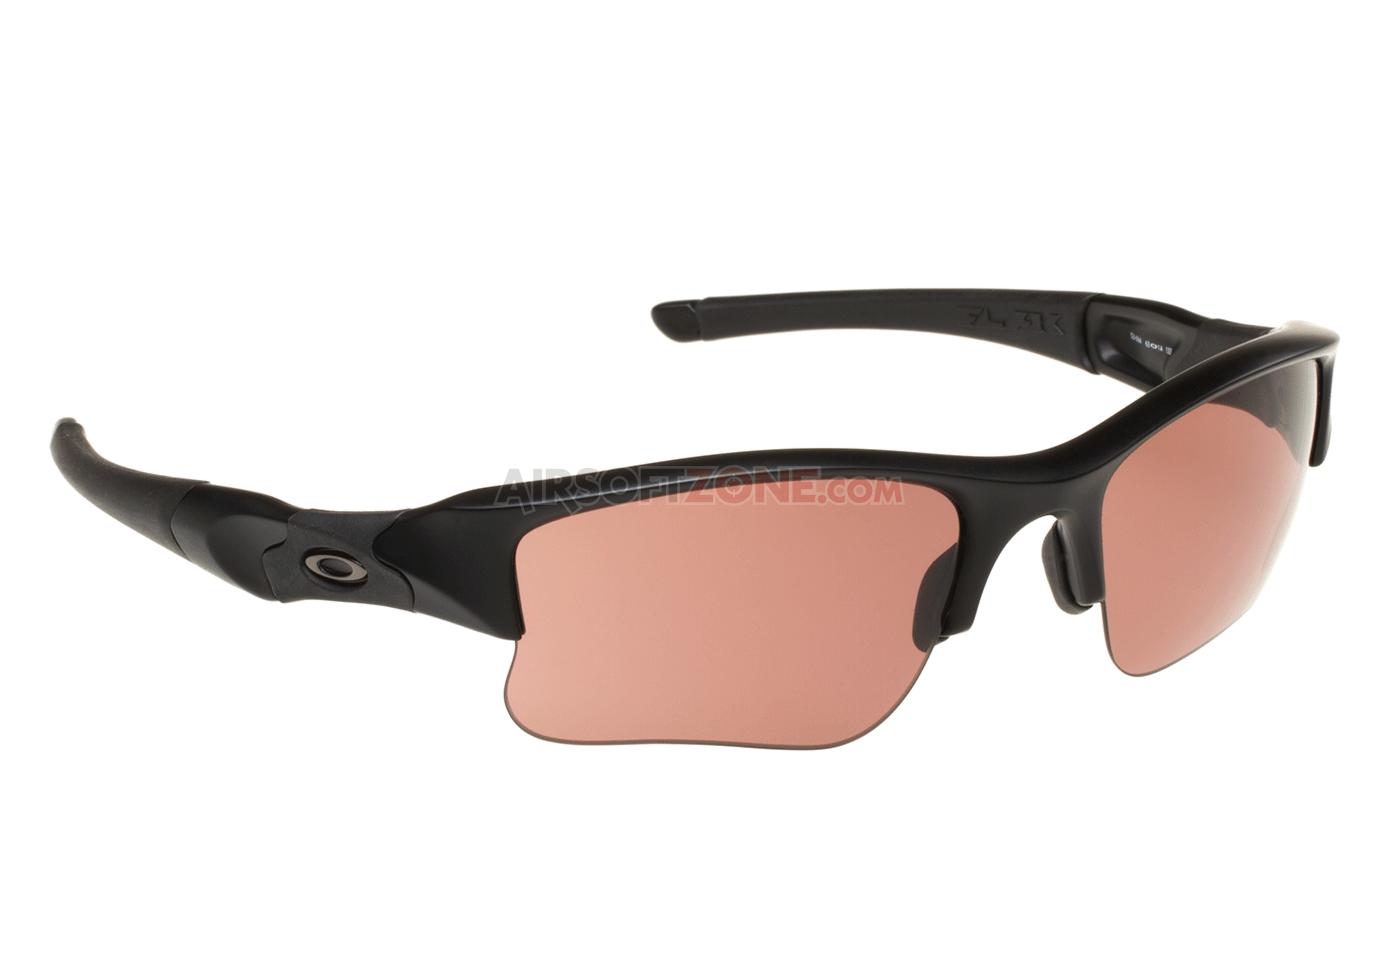 Si Flak Jacket Xlj Tr22 Black Oakley Eyewear